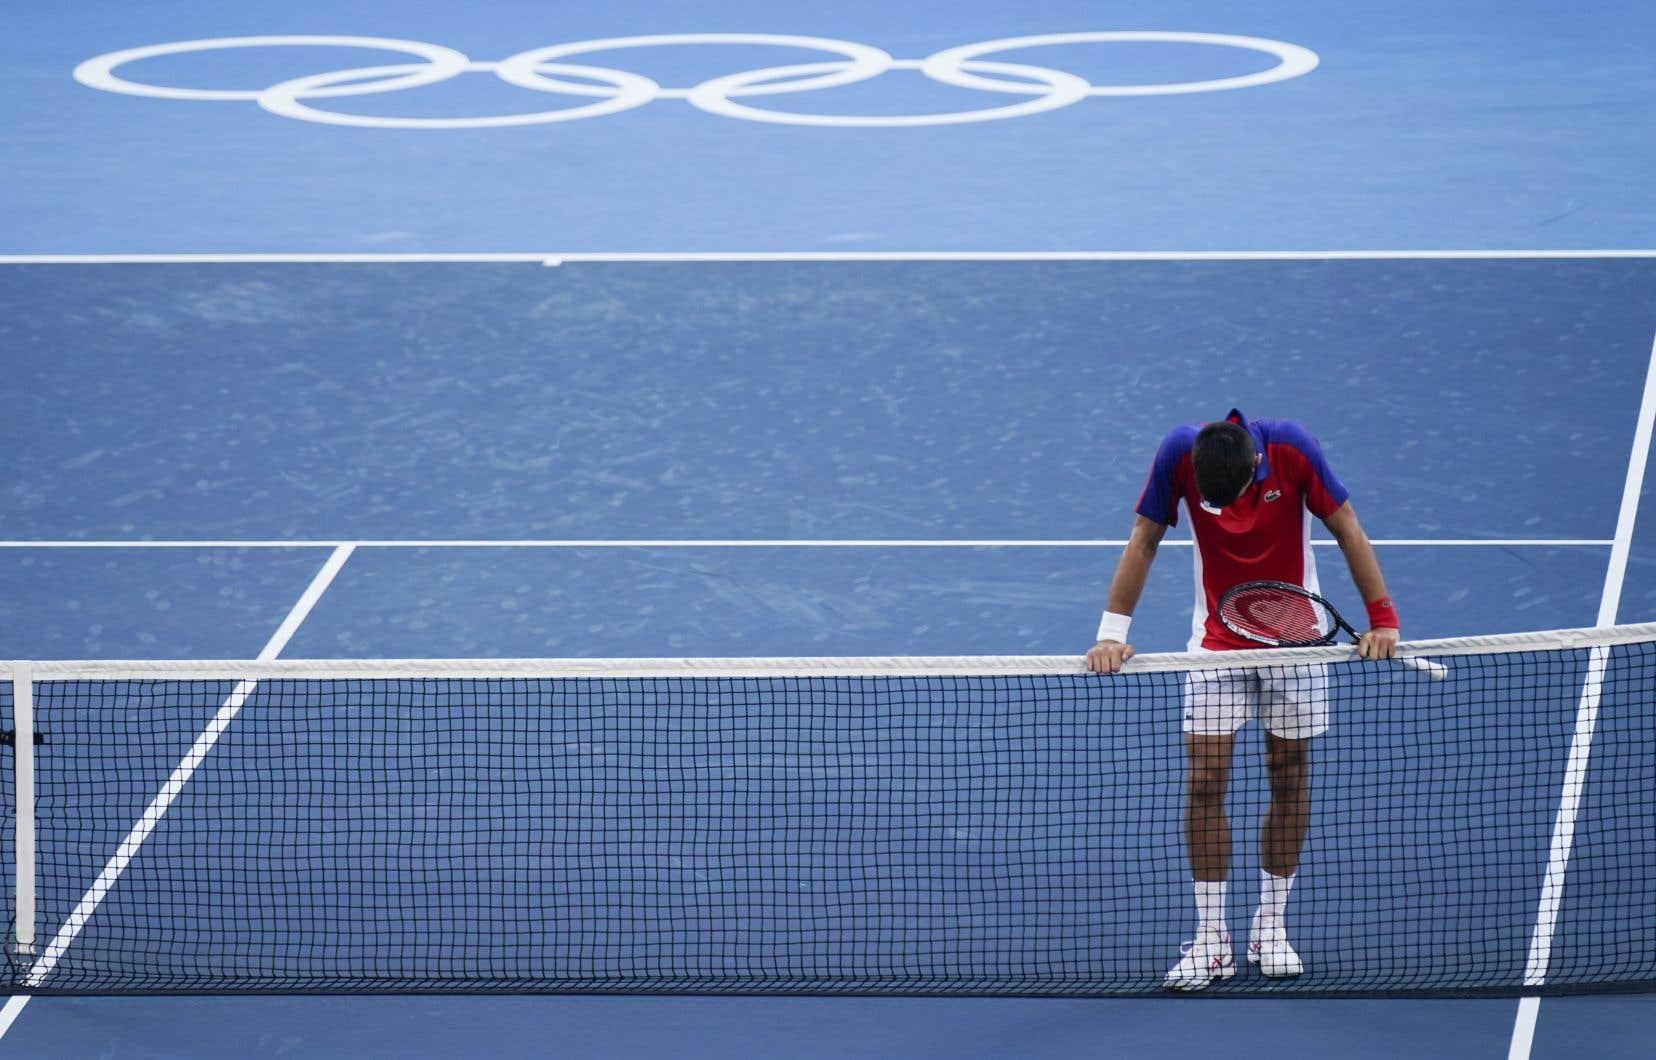 «Je ne regrette pas d'avoir tout donné ici, car au bout du compte, quand vous jouez pour votre pays, c'est quelque chose qu'il est nécessaire de faire», a déclaré Novak Djokovic, expliquant que la baisse subite de son niveau de jeu était «également due à l'épuisement, mental et physique».